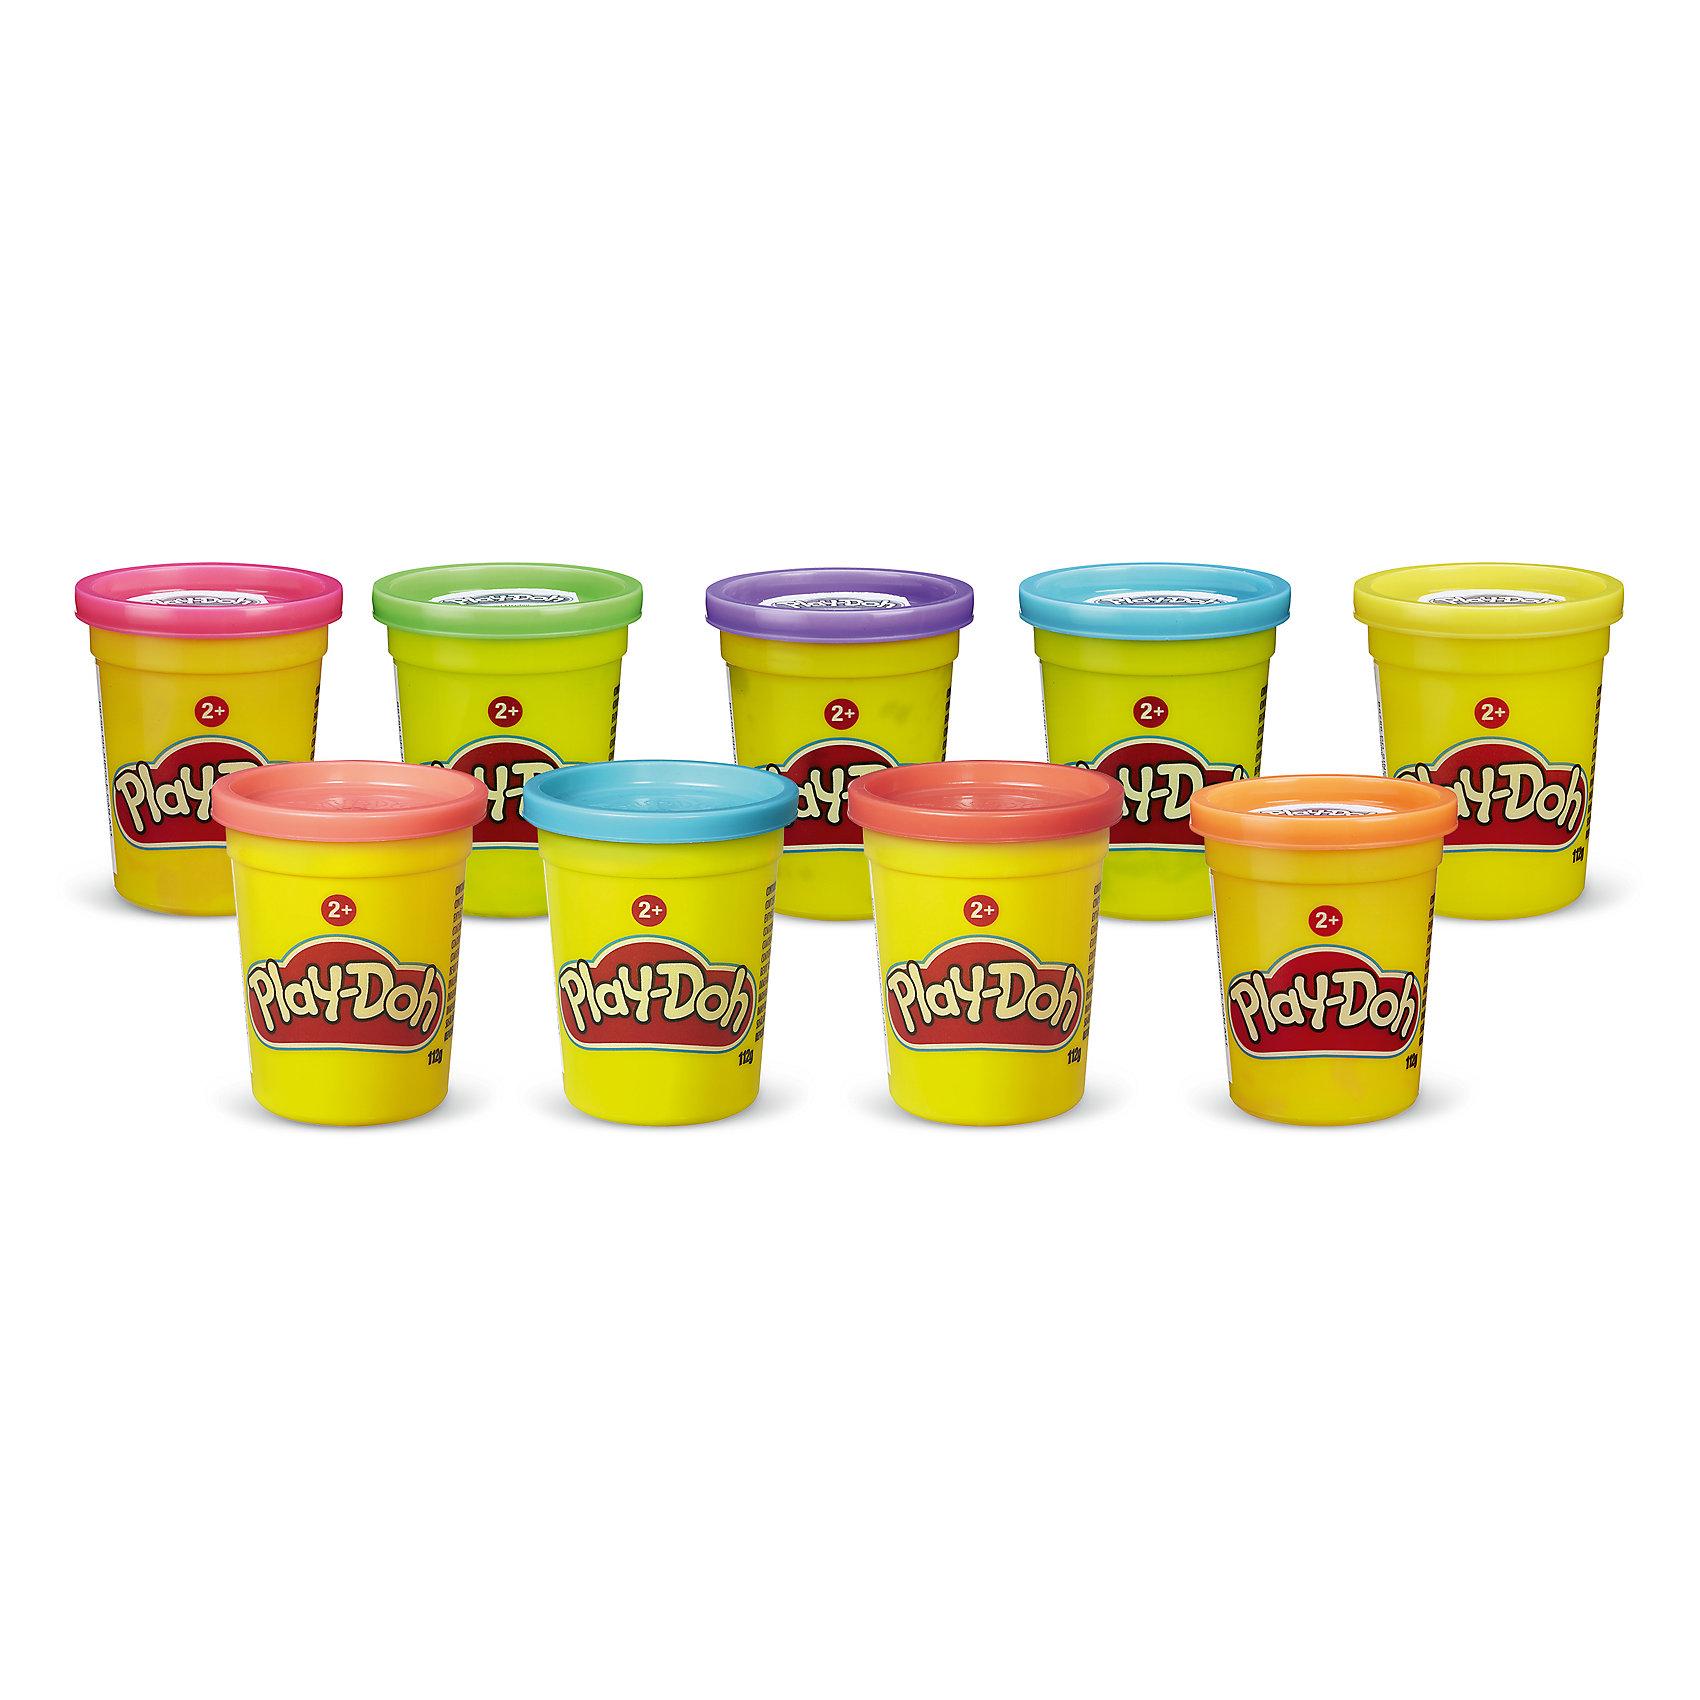 Hasbro Play-Doh Пластилин 1 банка hasbro play doh игровой набор из 3 цветов цвета в ассортименте с 2 лет